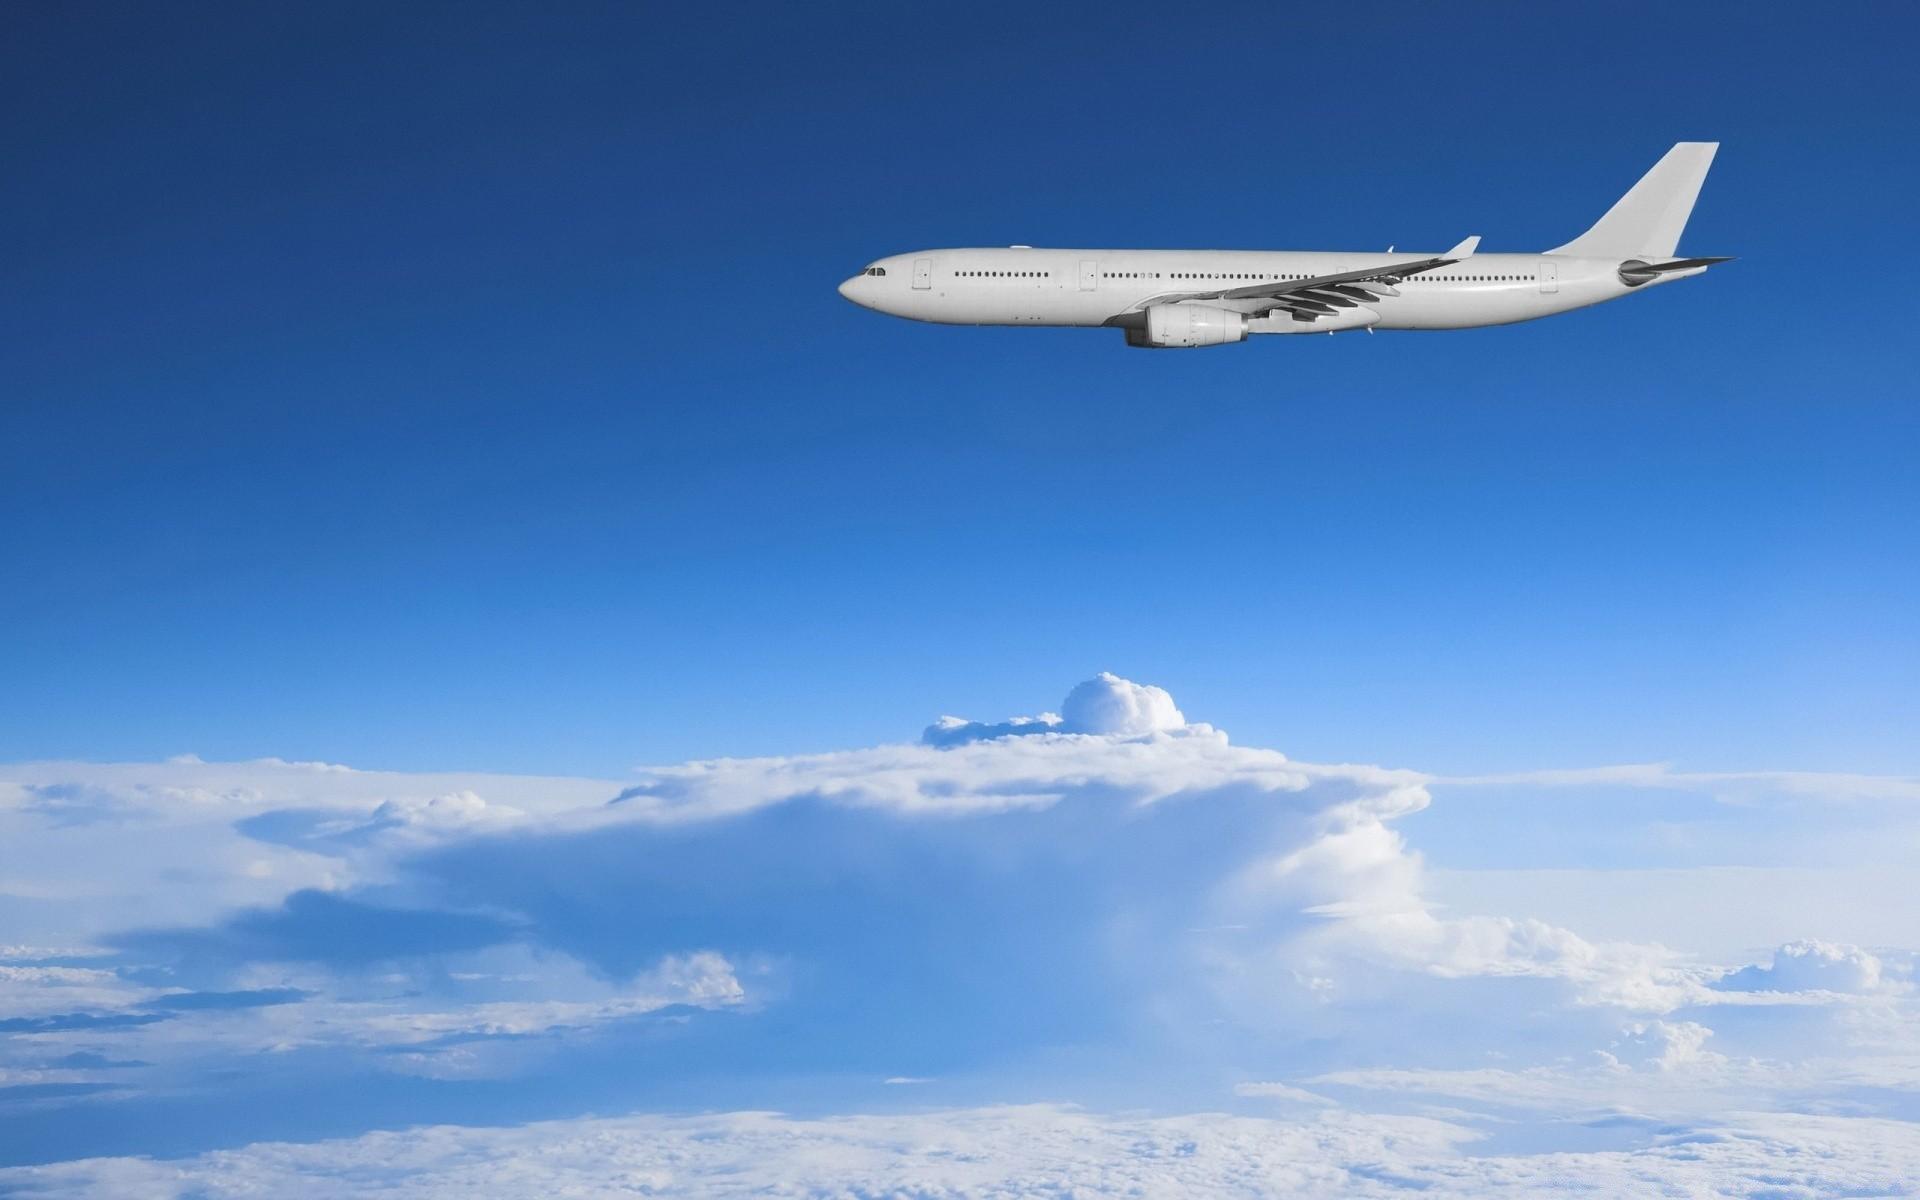 картинка на рабочий стол самолет в небе